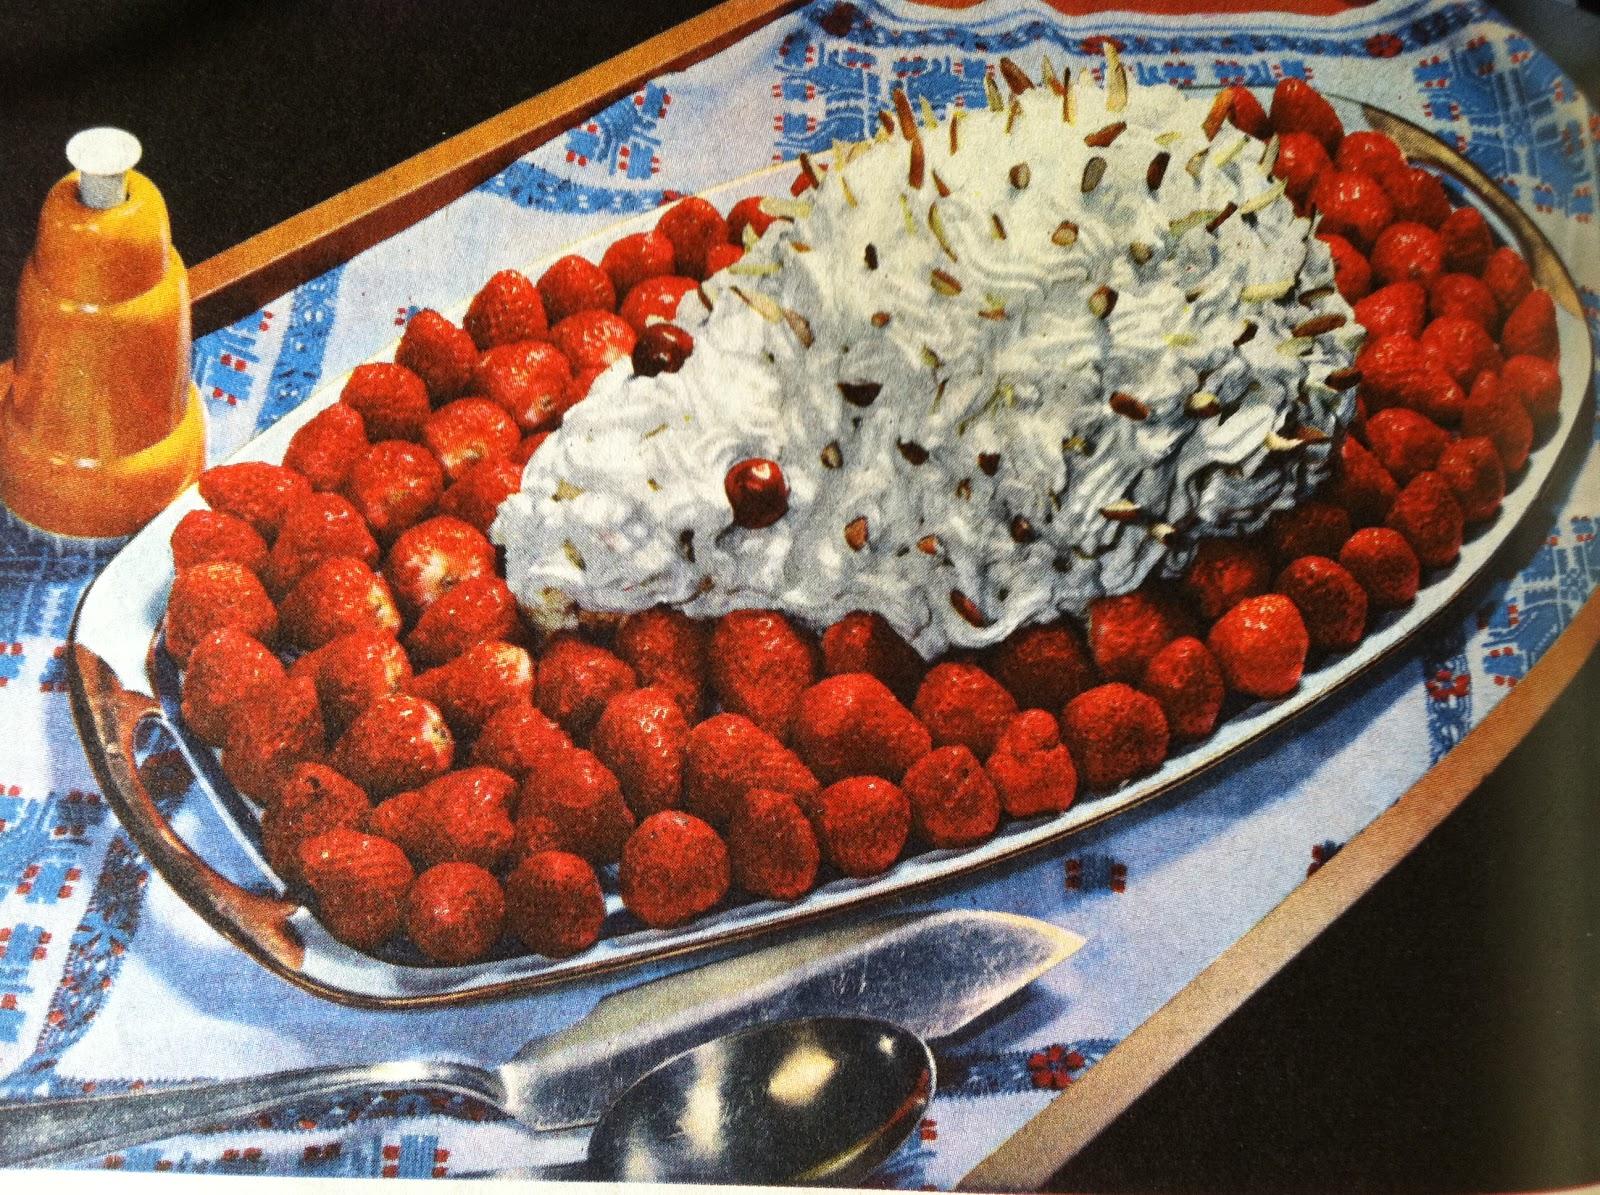 jordbær+005.JPG